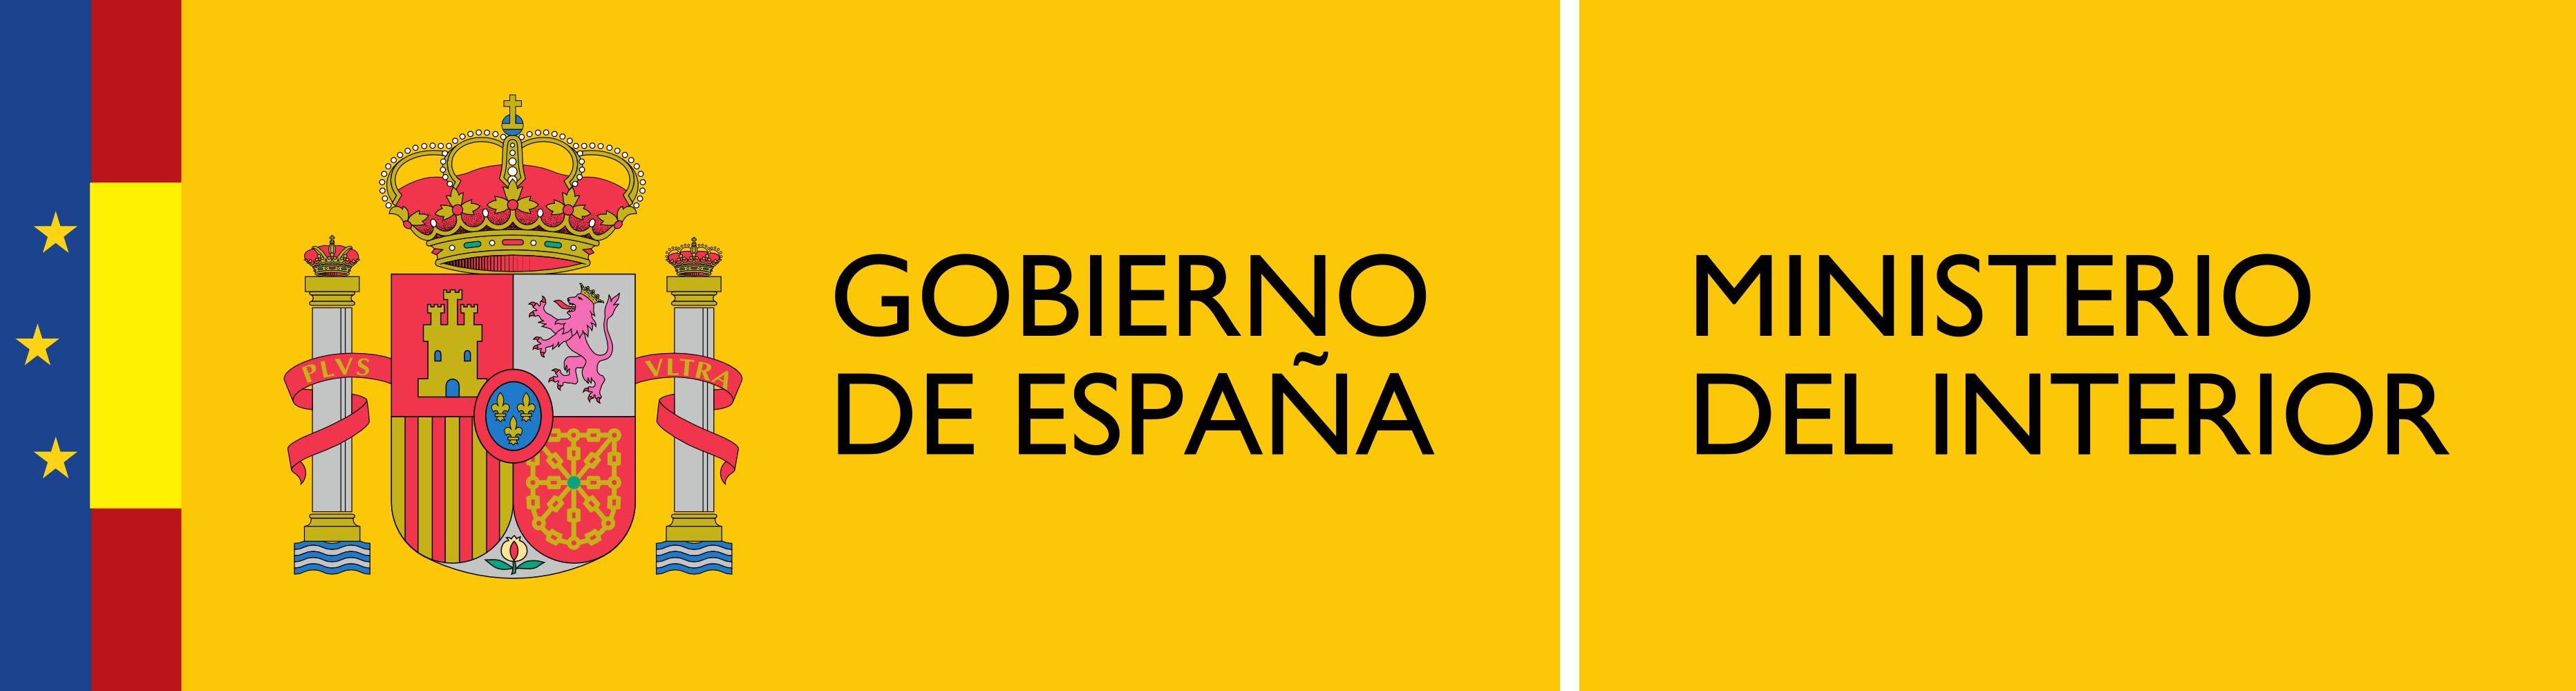 Logotipo_del_Ministerio_del_Interior